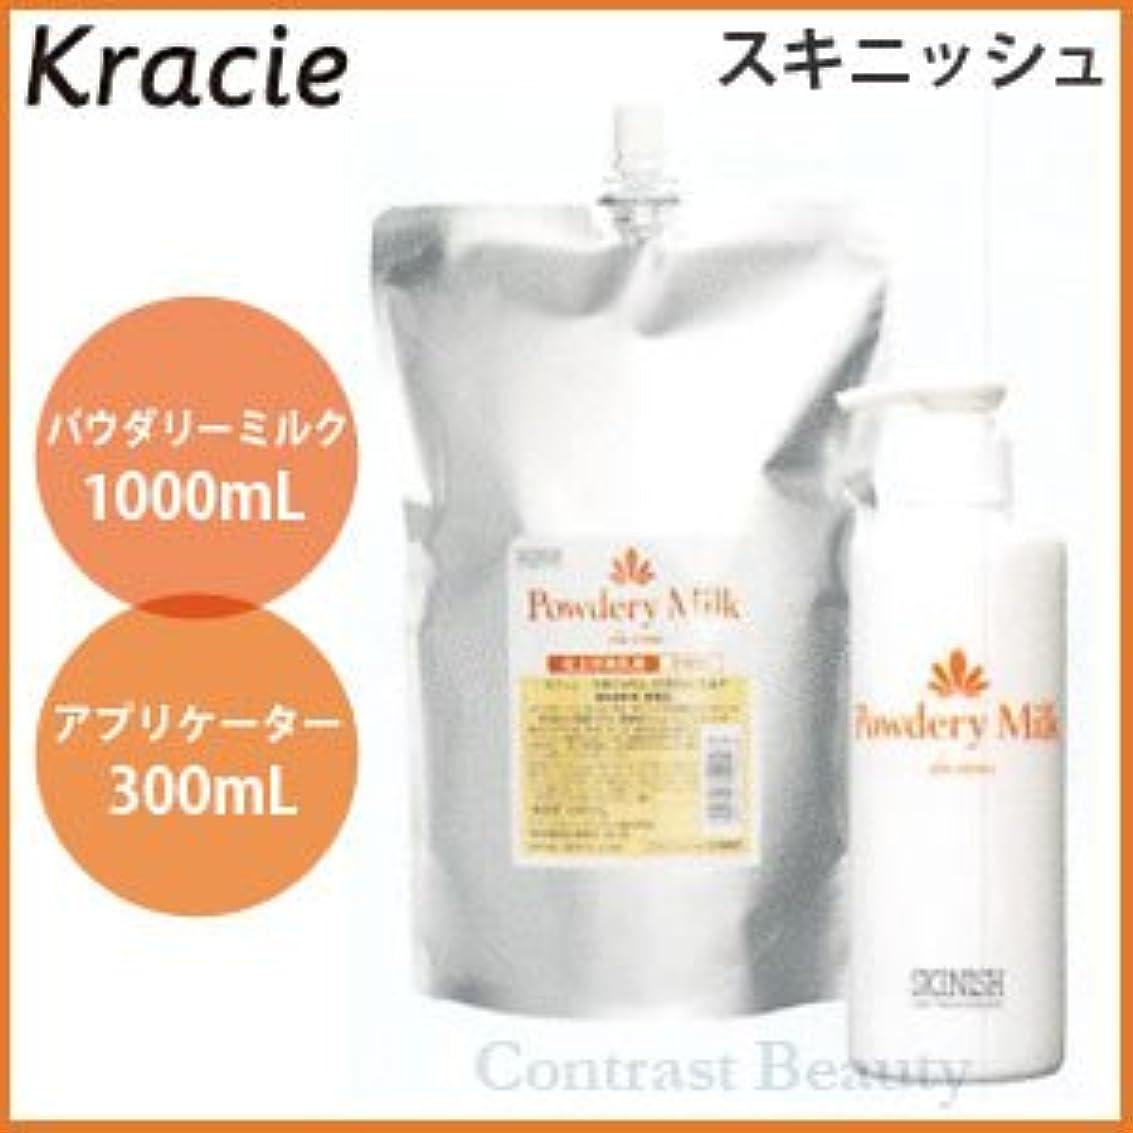 溶けるそれから資格クラシエ スキニッシュ パウダリーミルク 1000ml 詰替え用 & アプリケーター 300ml